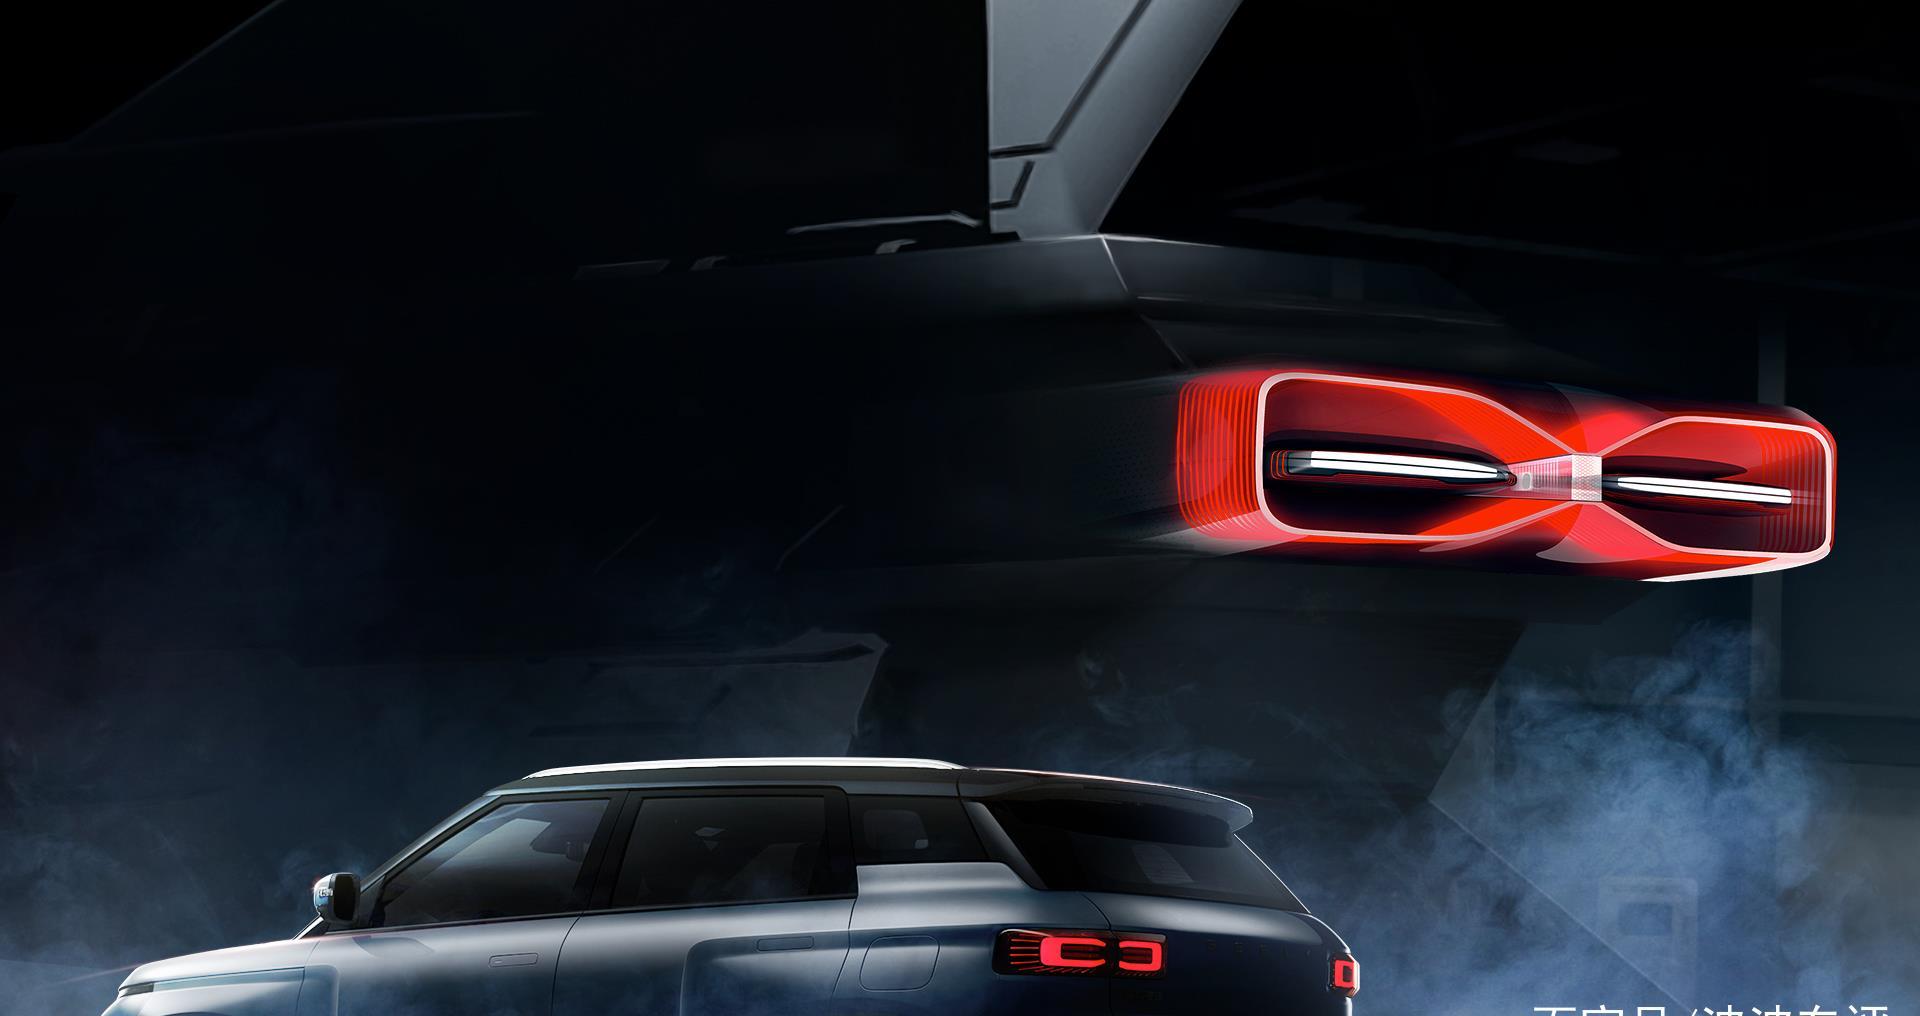 吉利全新紧凑型SUV命名为icon,外观采用很硬派的设计